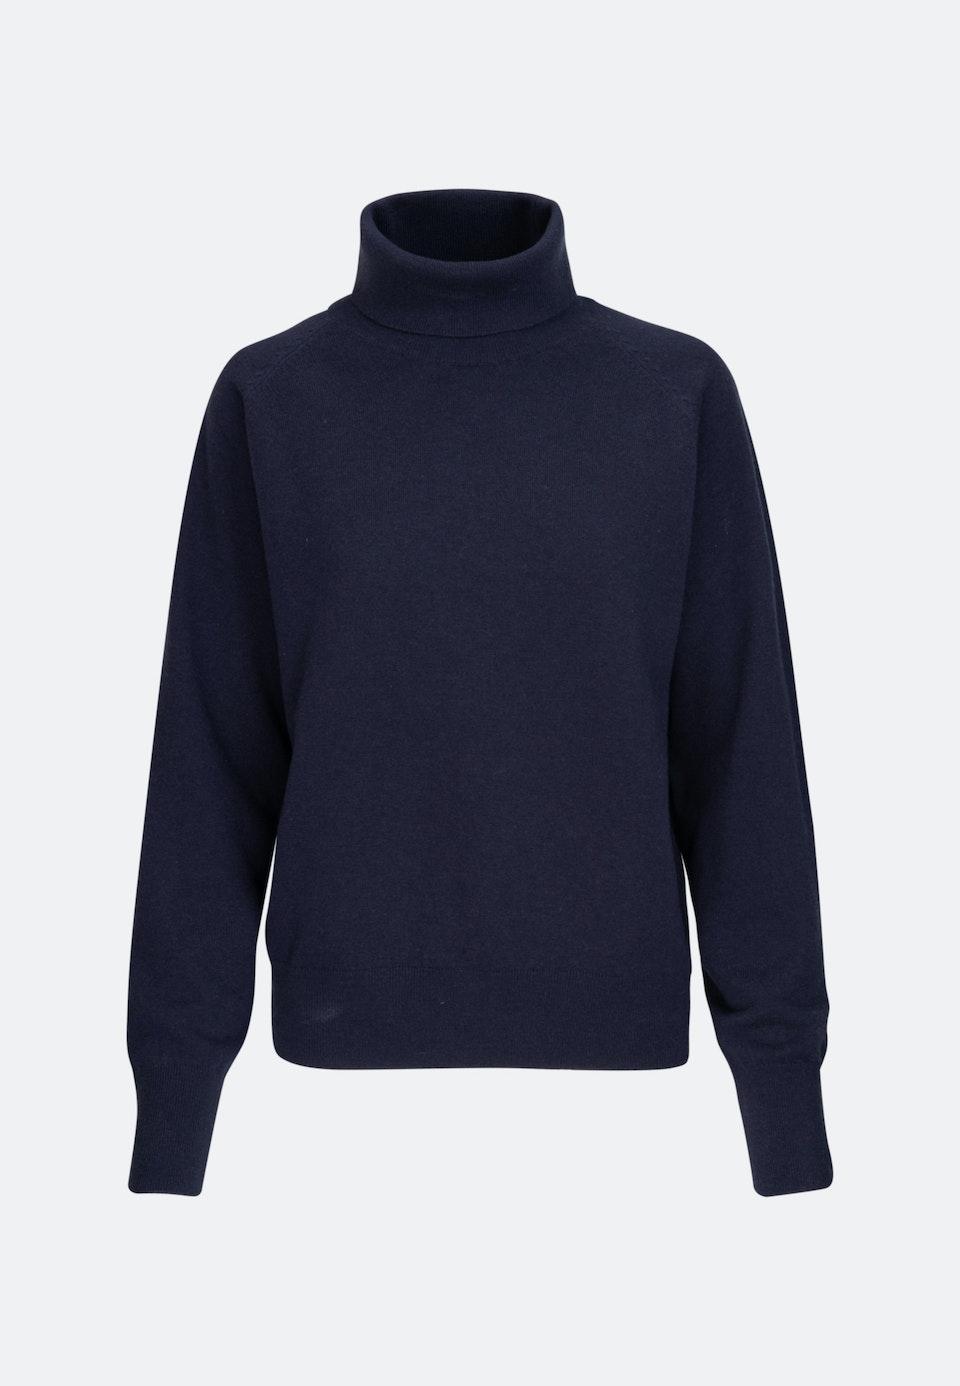 Polo Neck Pullover made of 100% Wool in Dark blue |  Seidensticker Onlineshop